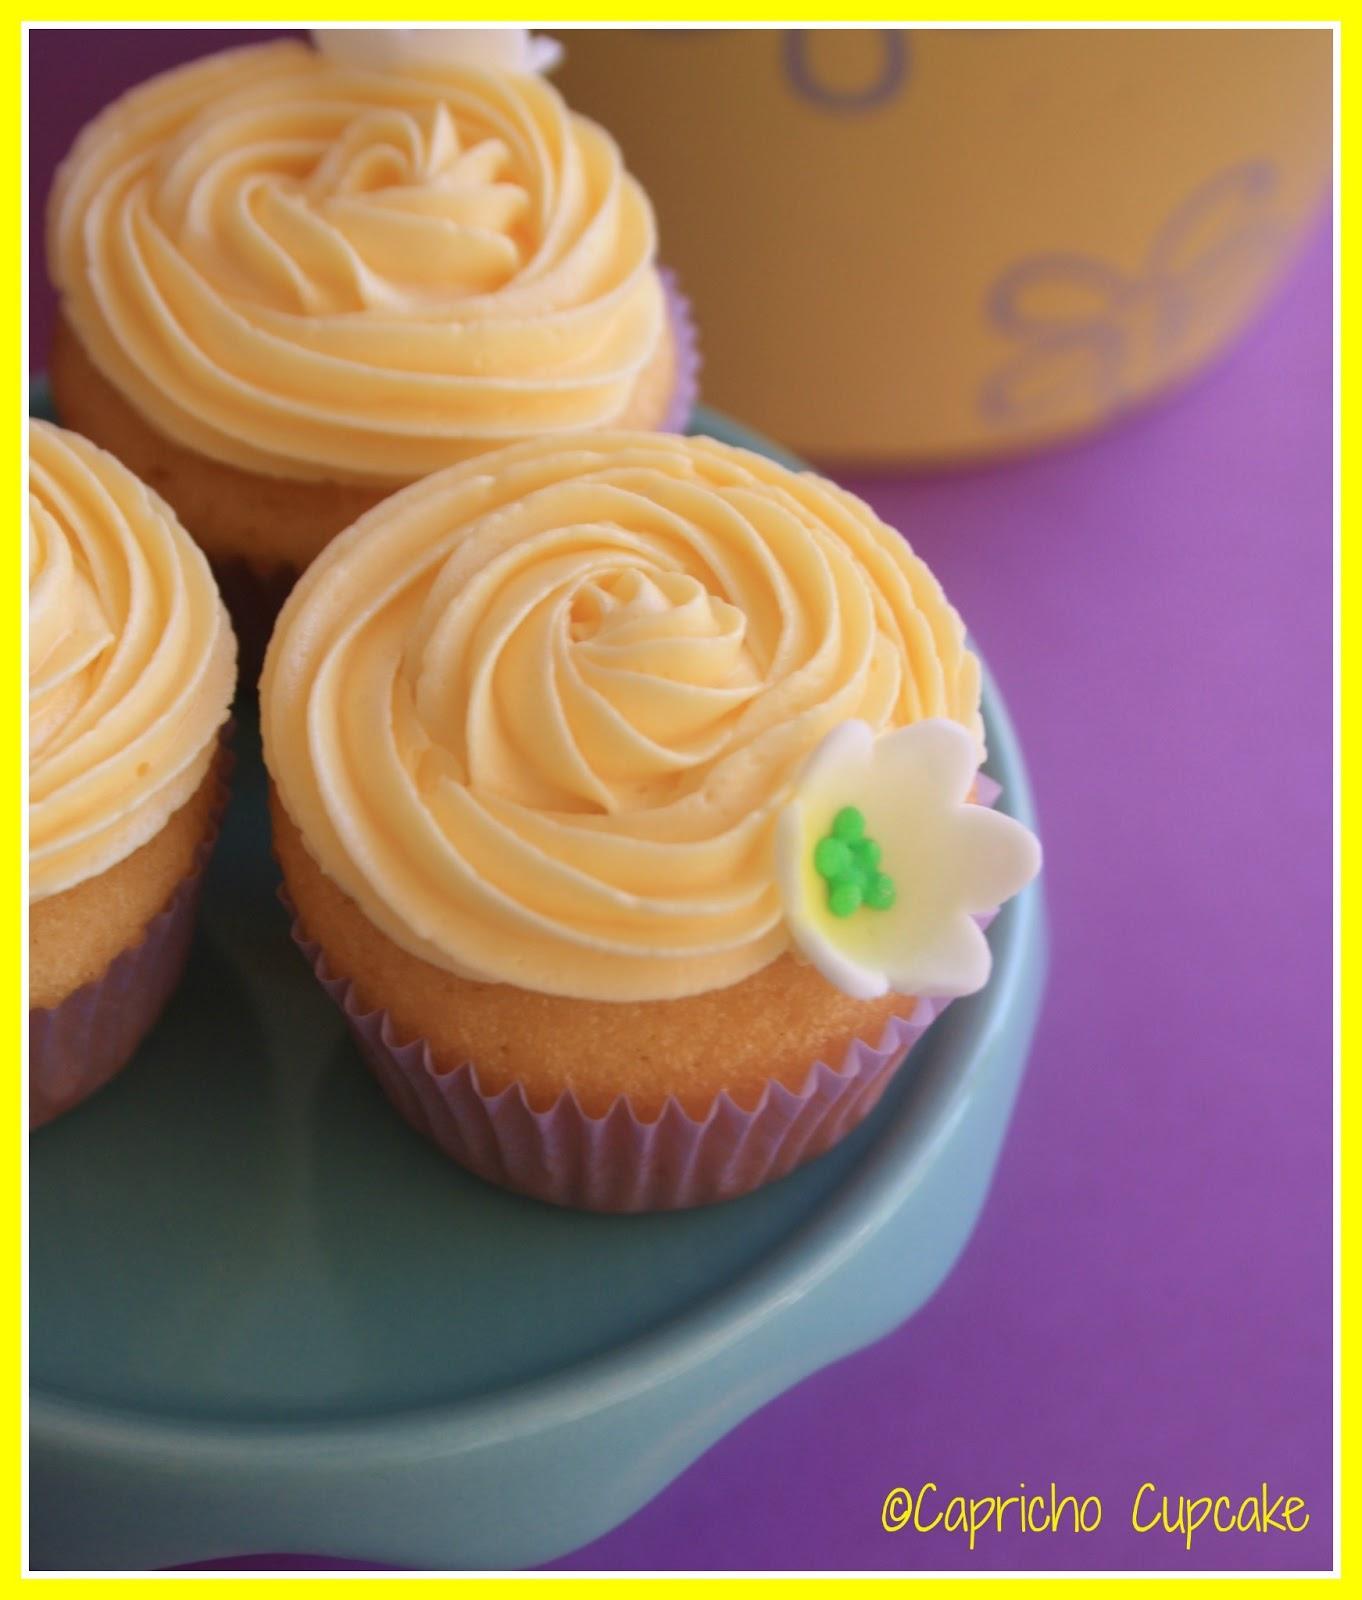 limoncello cupcake capricho cupcake alicante